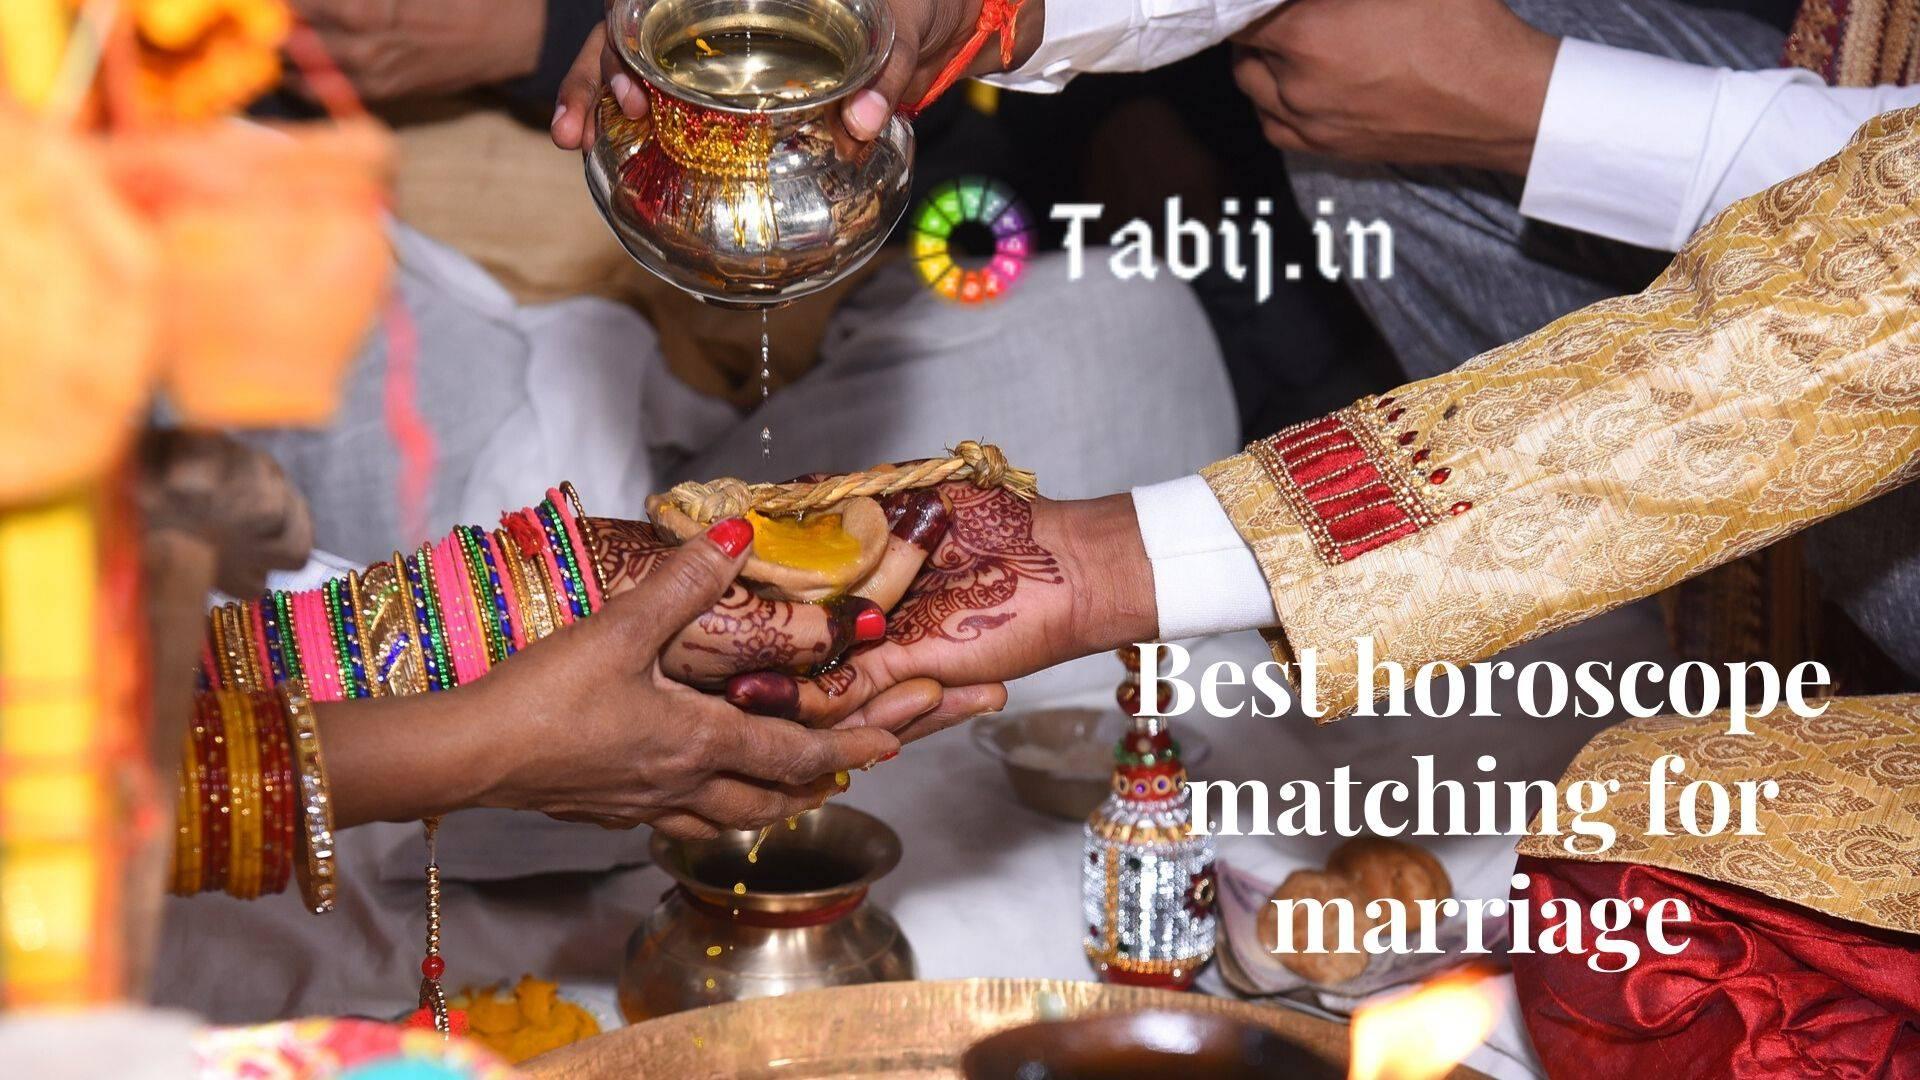 Matching vedic in tamil horoscope Thirumana Porutham